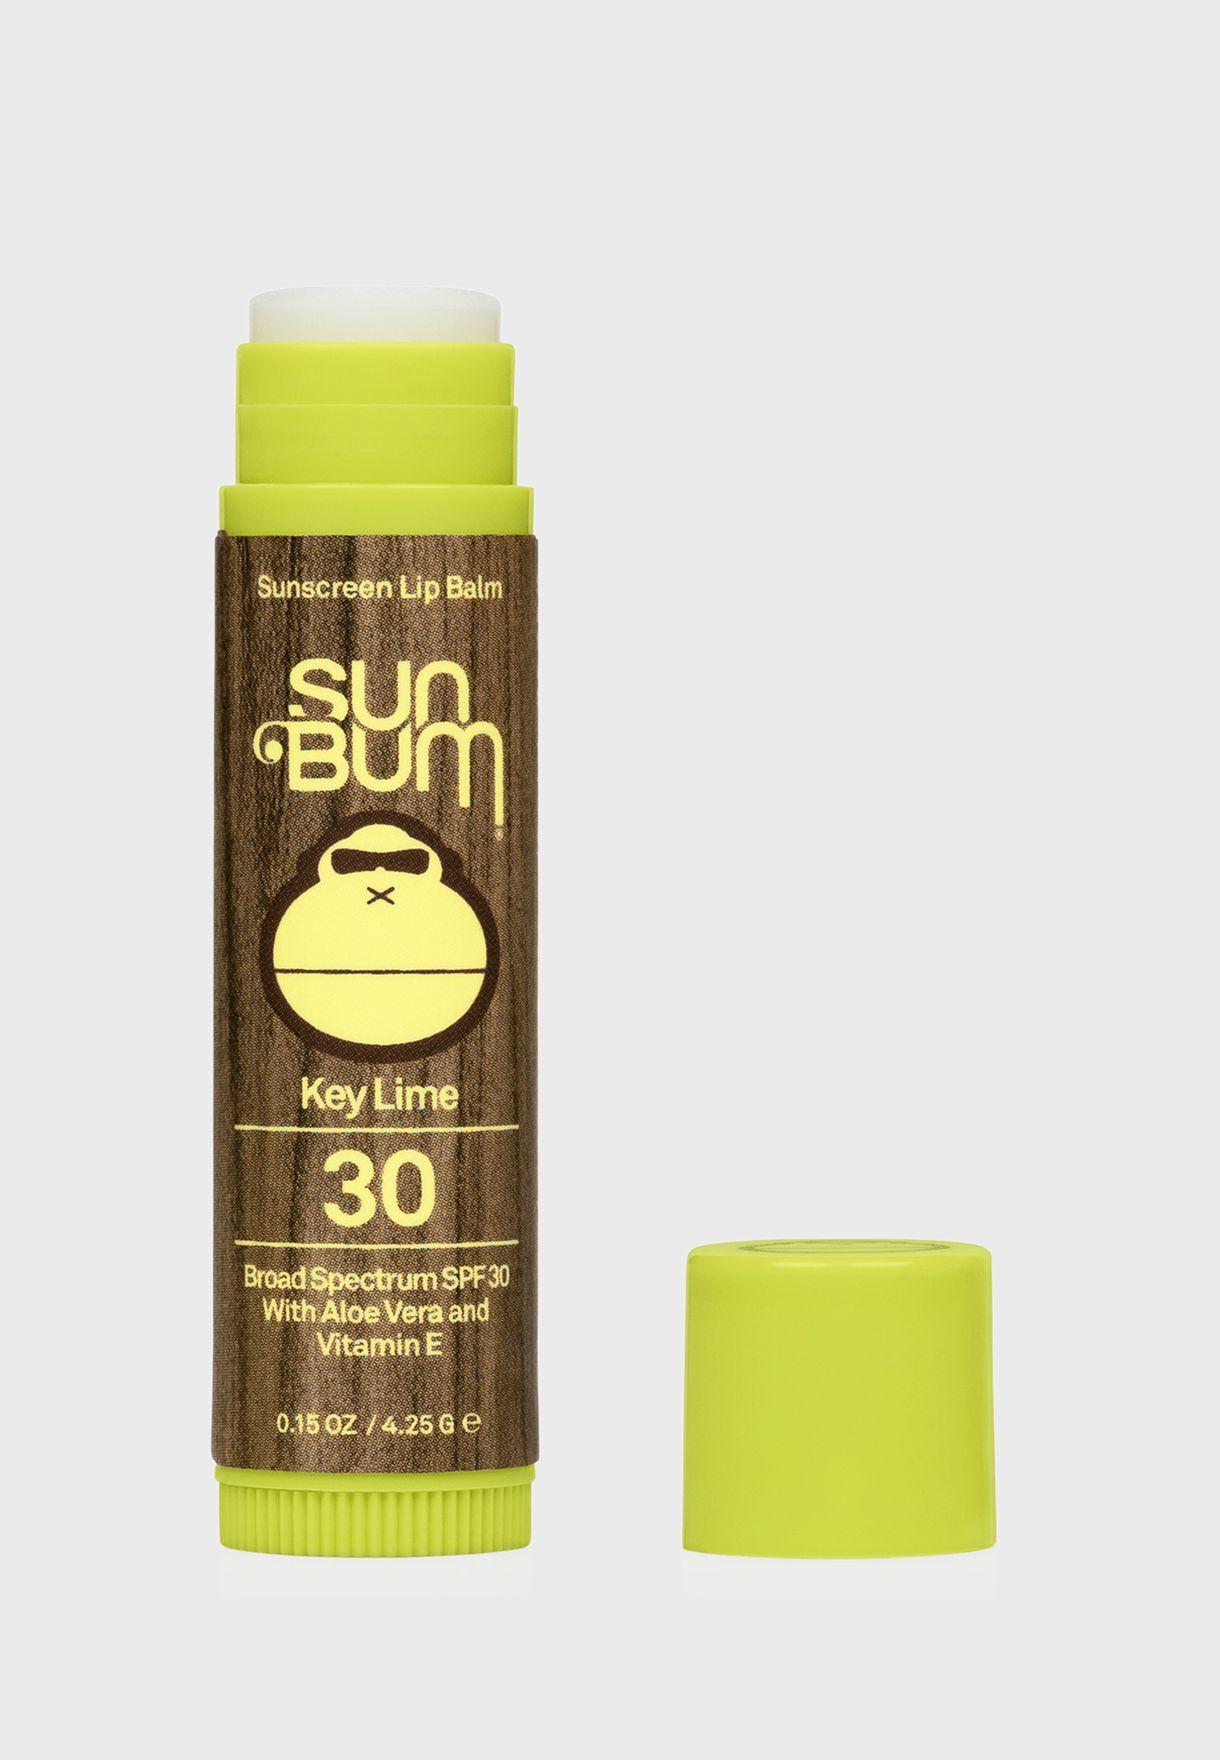 Spf 30 Key Lime Lip Balm